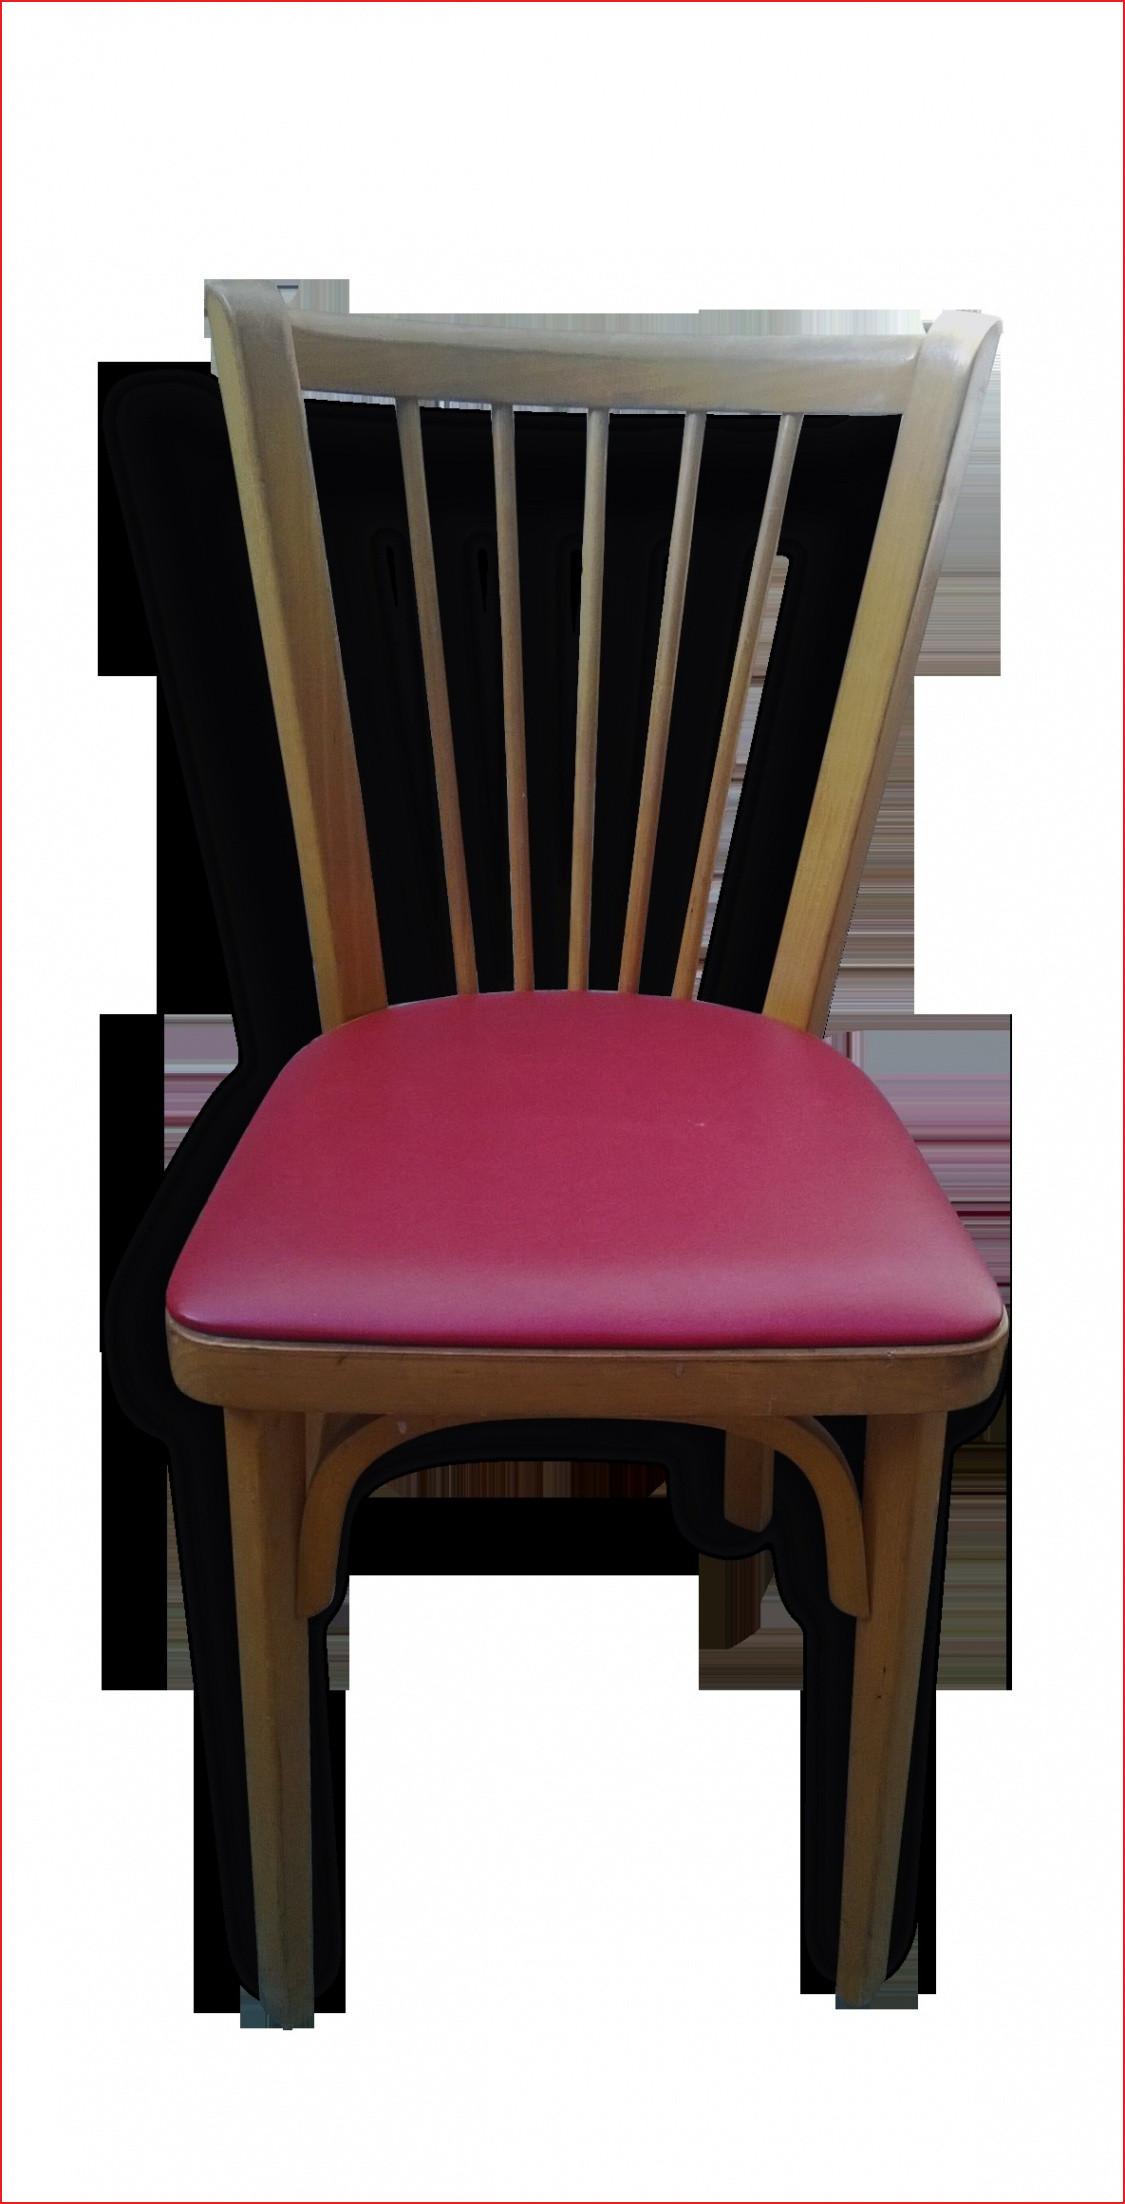 chaise photo chaise de bistrot meilleur ebay chaises 0d stock les id es of chaise photo